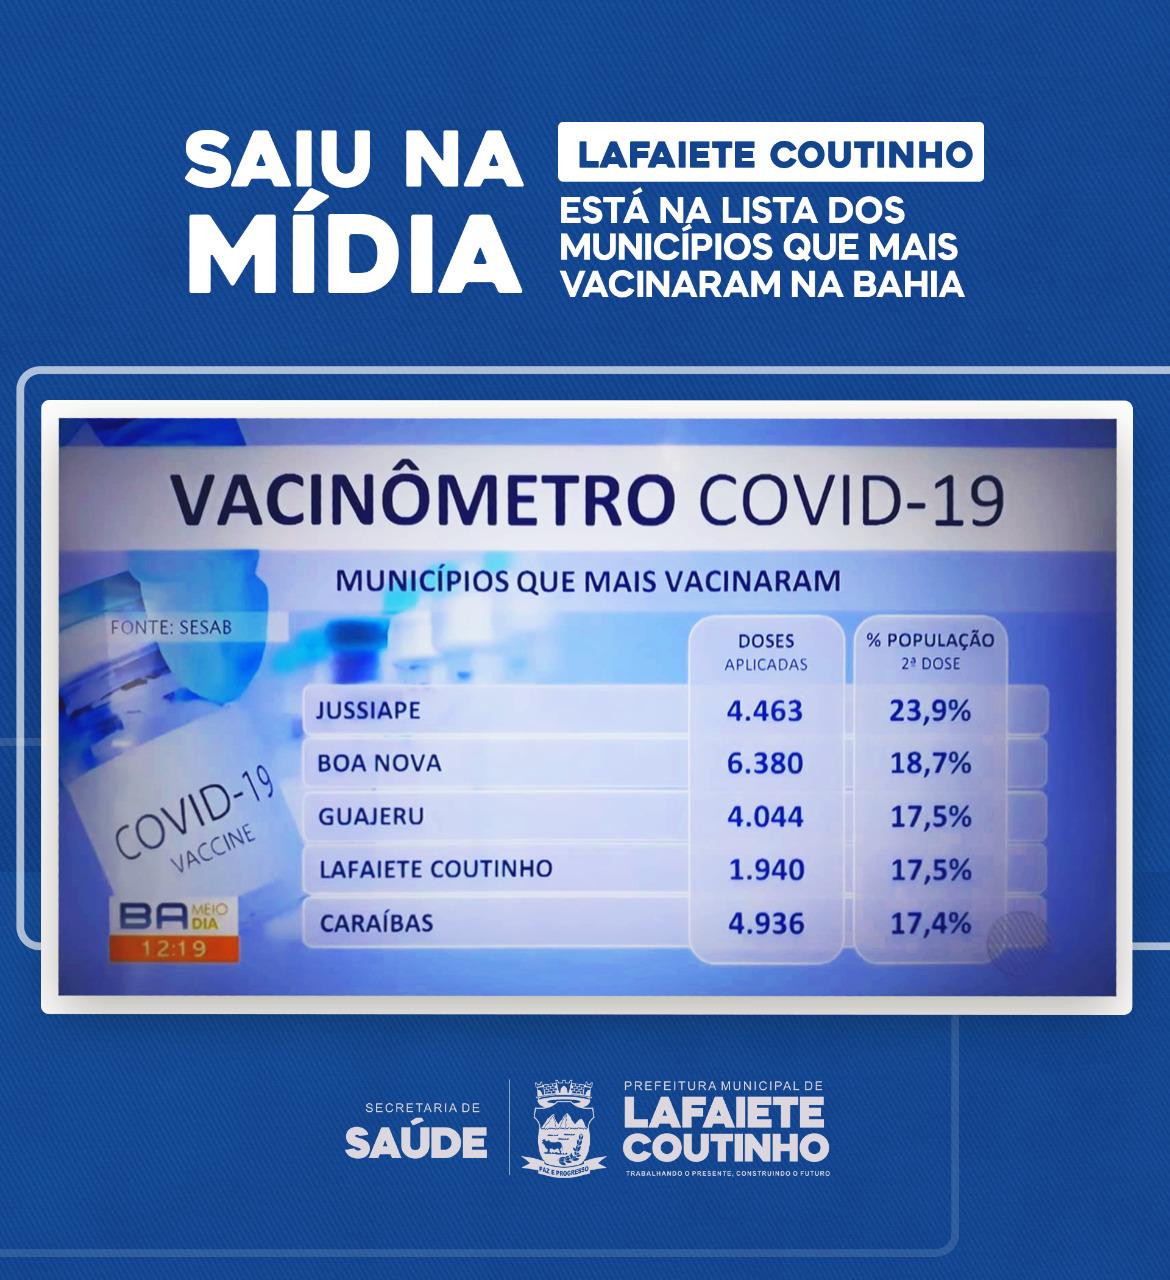 Lafaiete Coutinho está entre os municípios que mais vacinaram contra a COVID 19 na Bahia